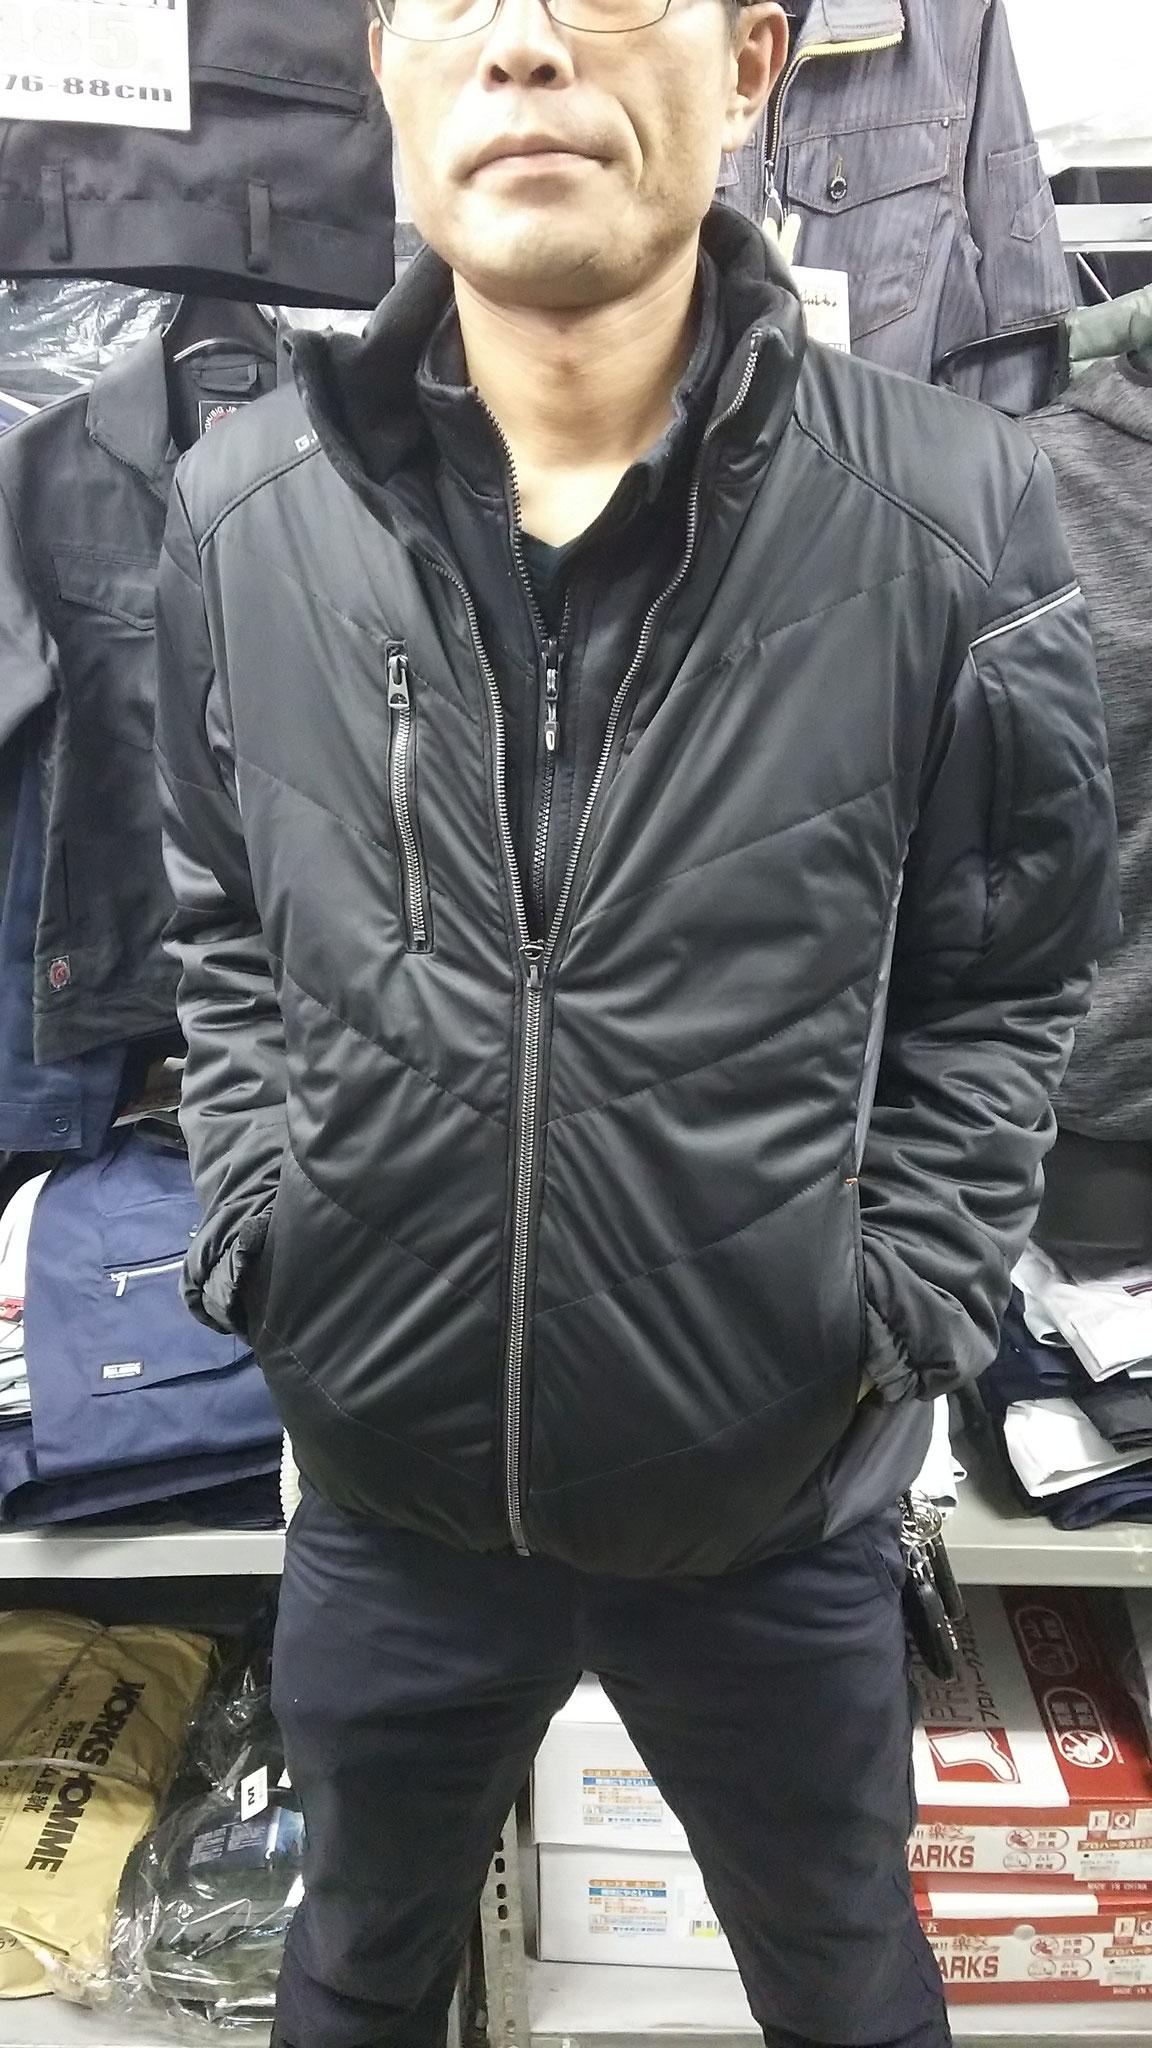 G.GROUND 44603 防風ブルゾン LLサイズを実際に着てみました。ゆったりしているのにタイトに決まる。あまりぴったりが好きではない方にオススメ。